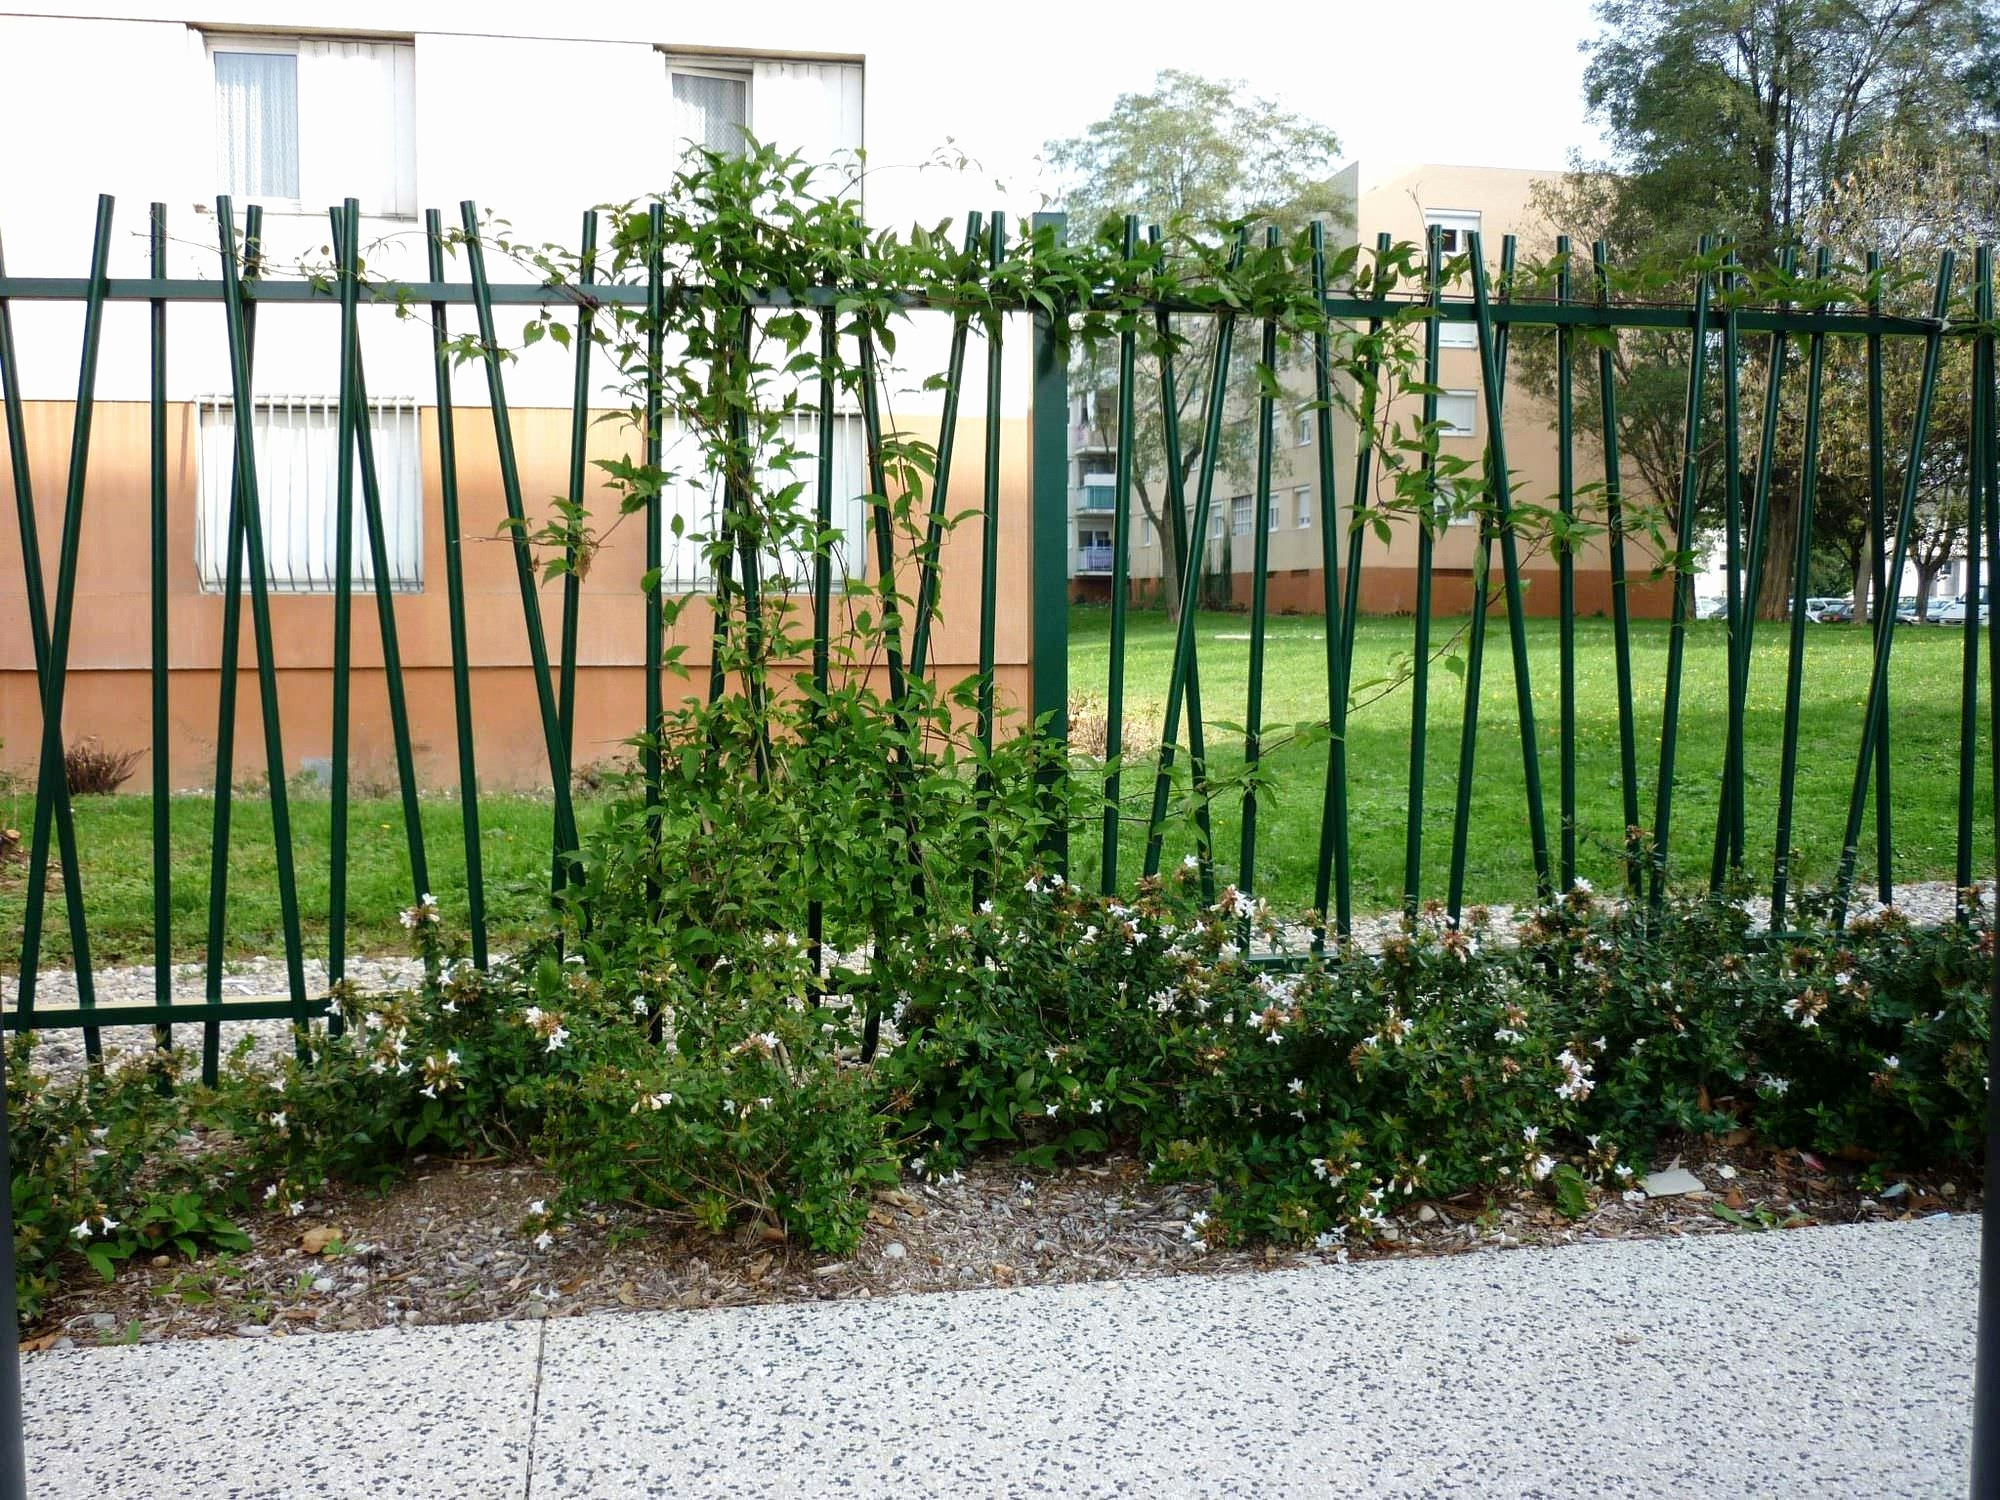 Mon Chalet Design Nouveau Galerie Meilleur De 40 De Chalet De Jardin Concept